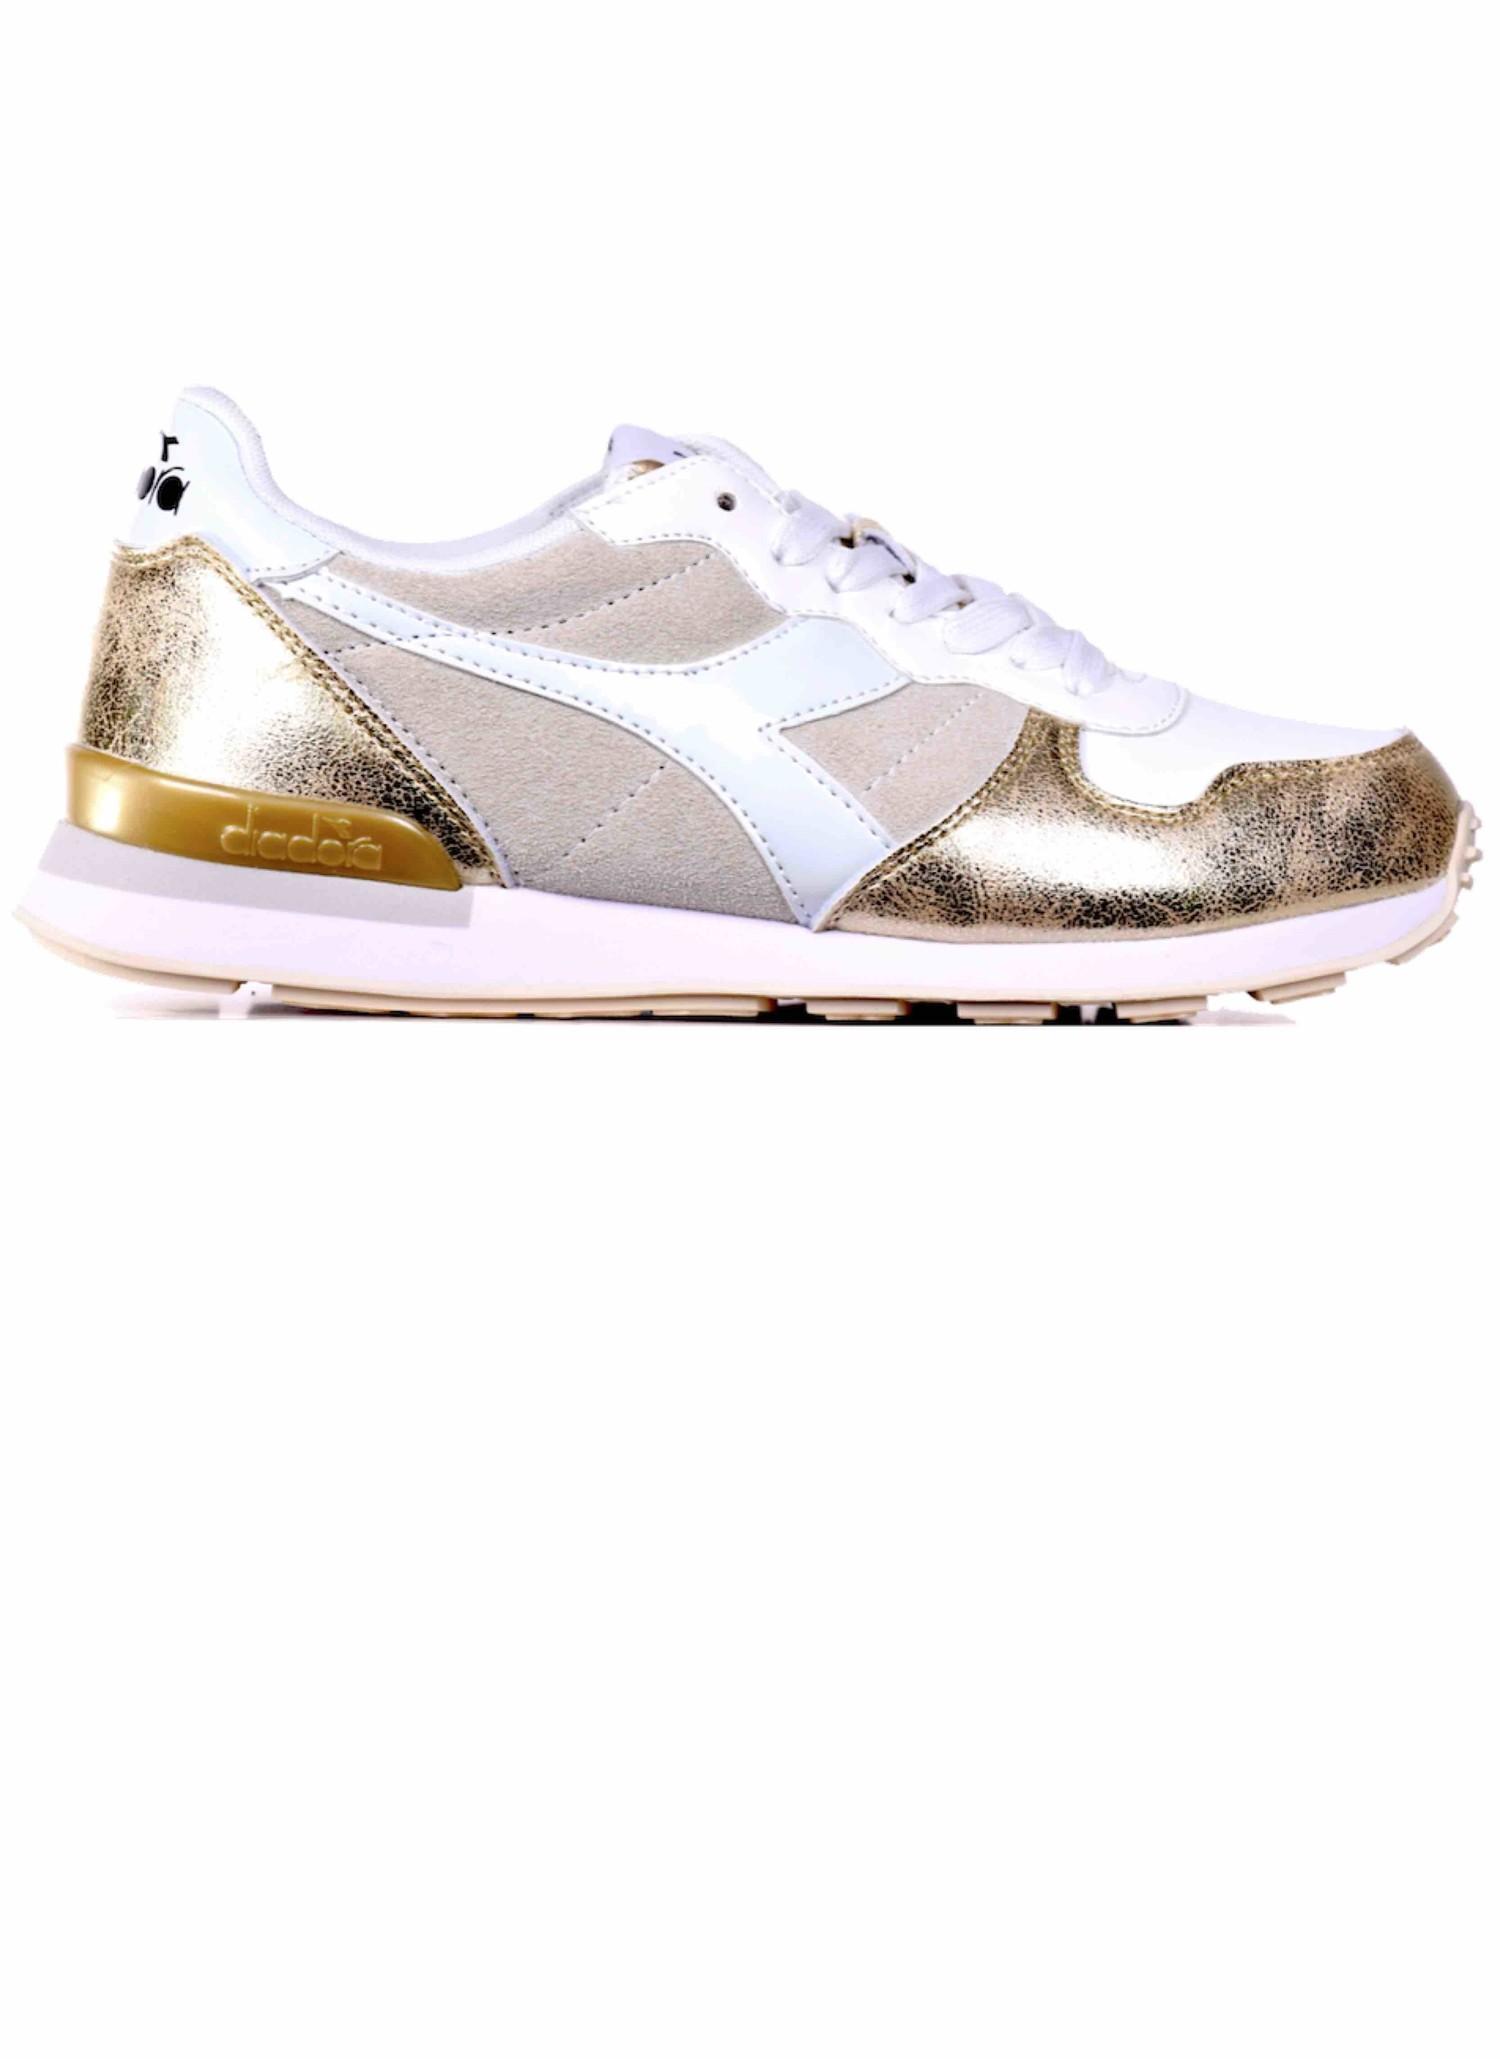 Diadora Camaro Bling Sneakers Gold